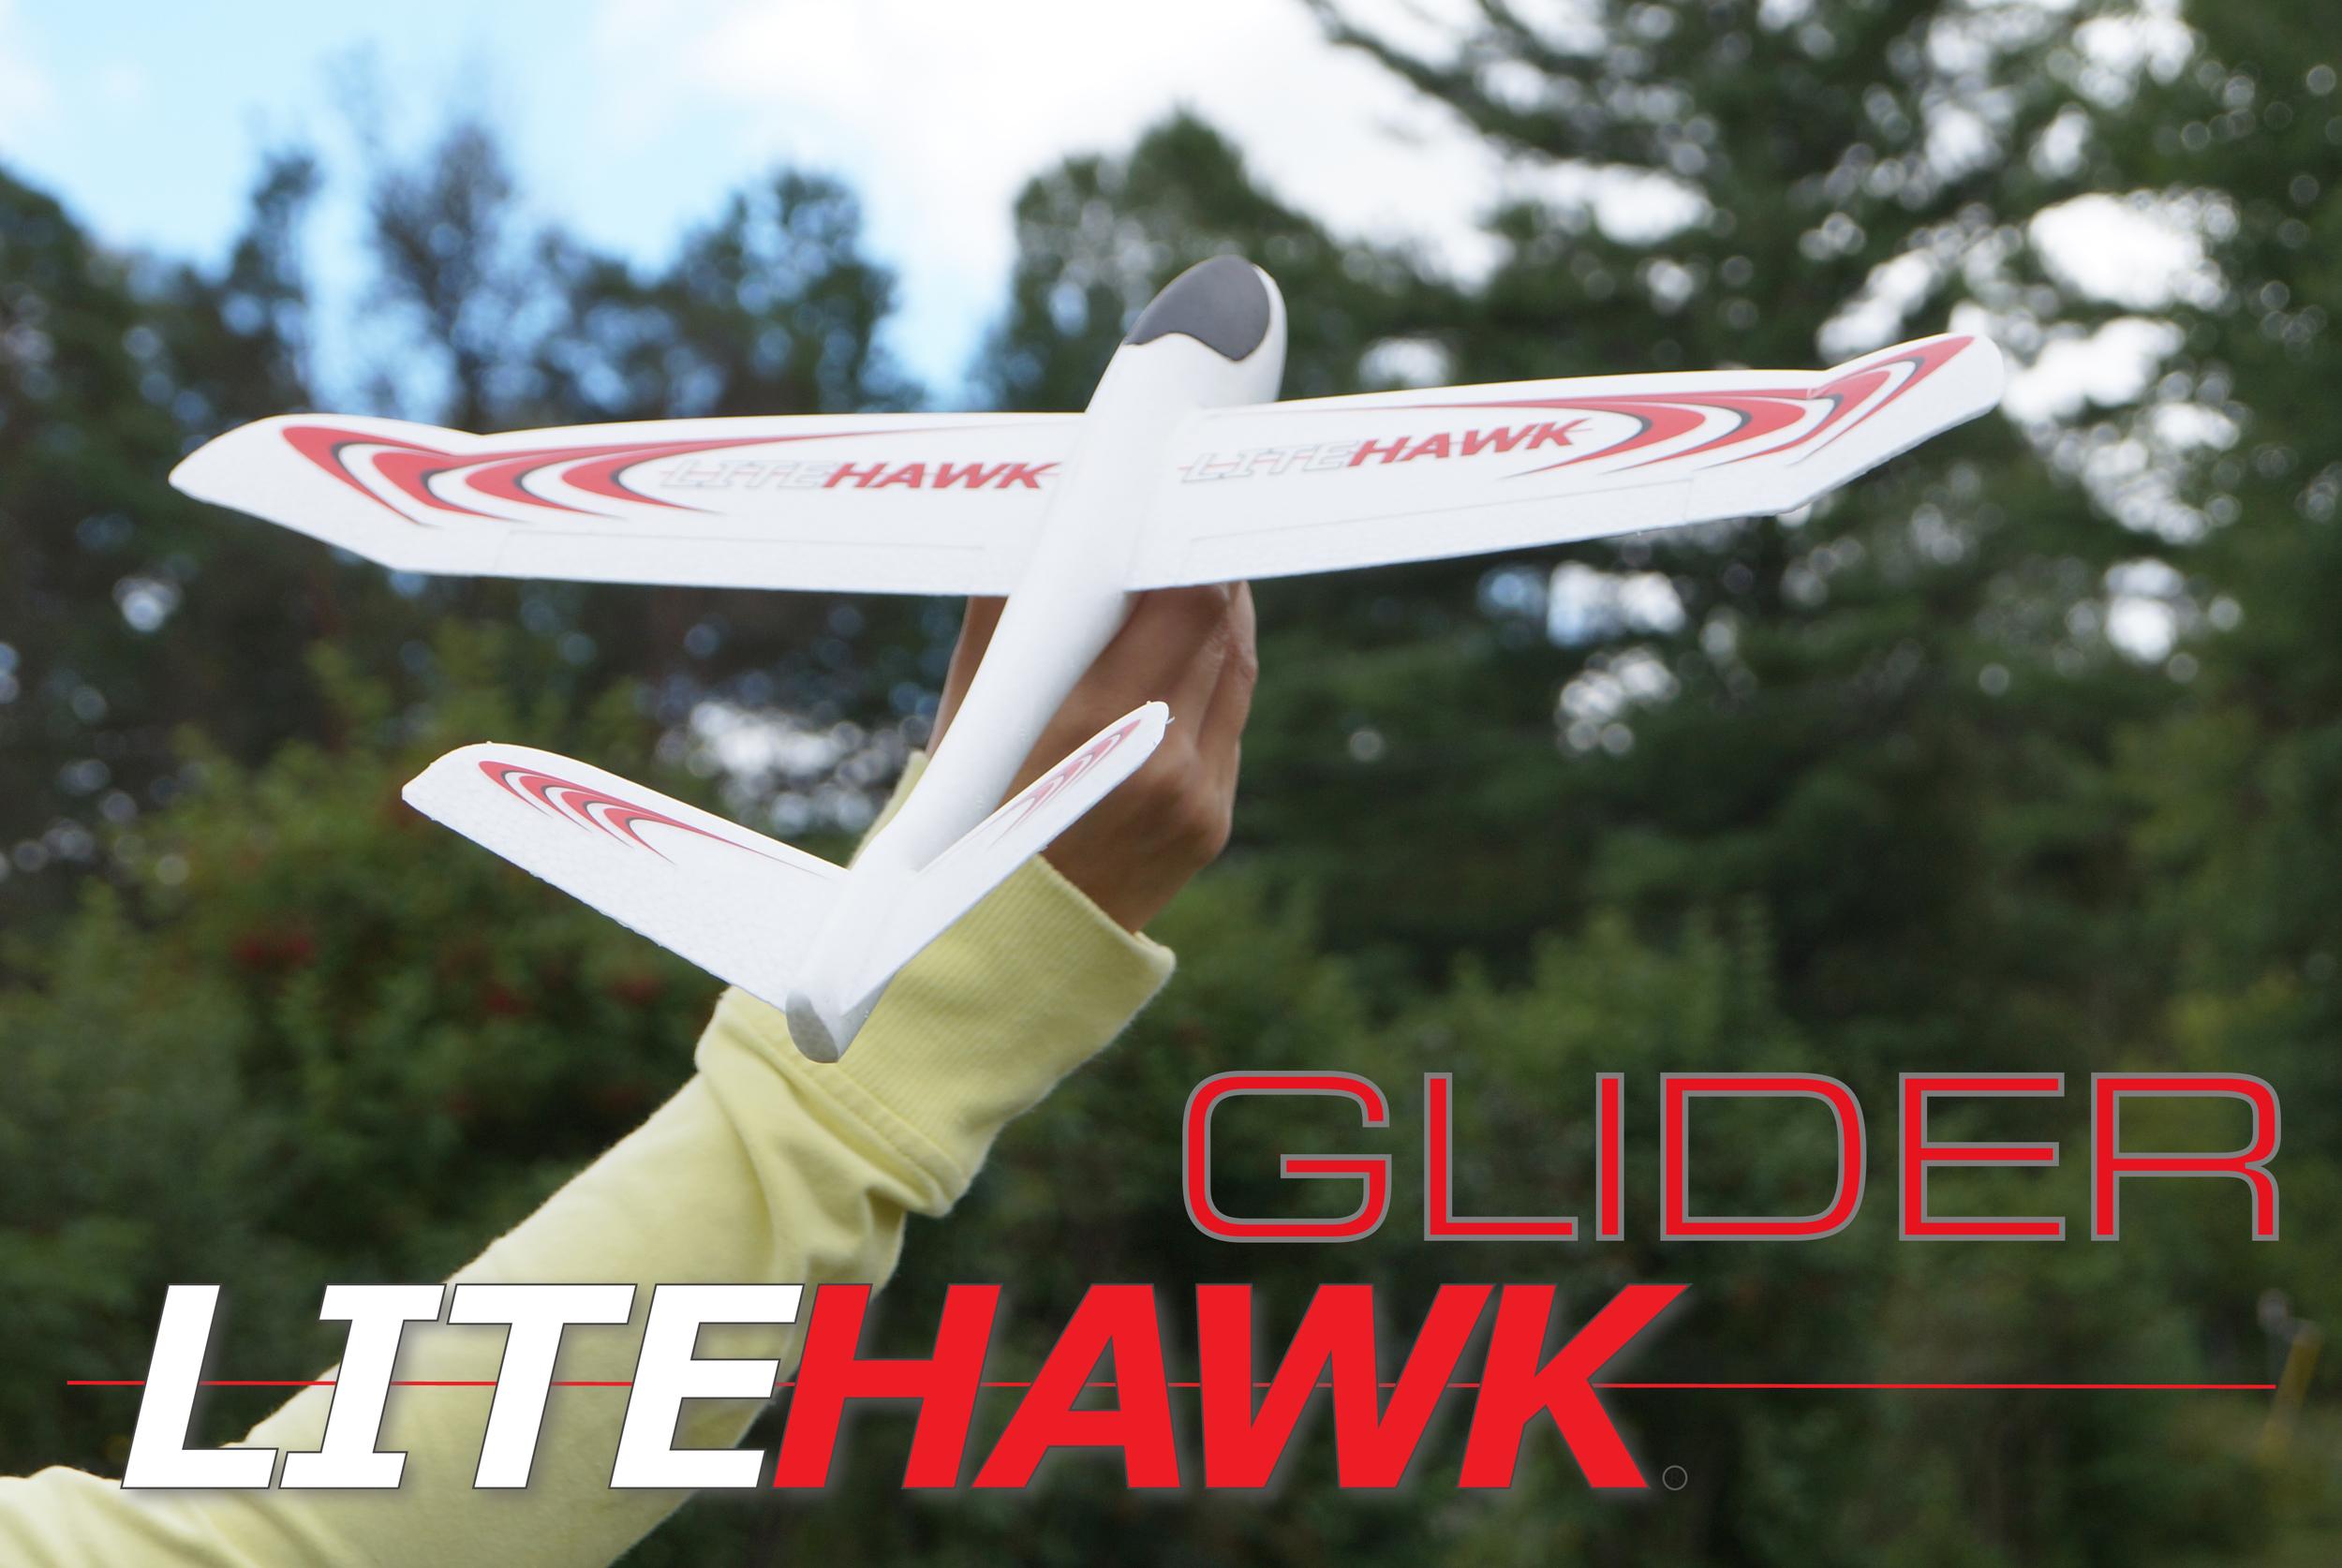 LiteHawk-GLIDER-285-12004-2.jpg